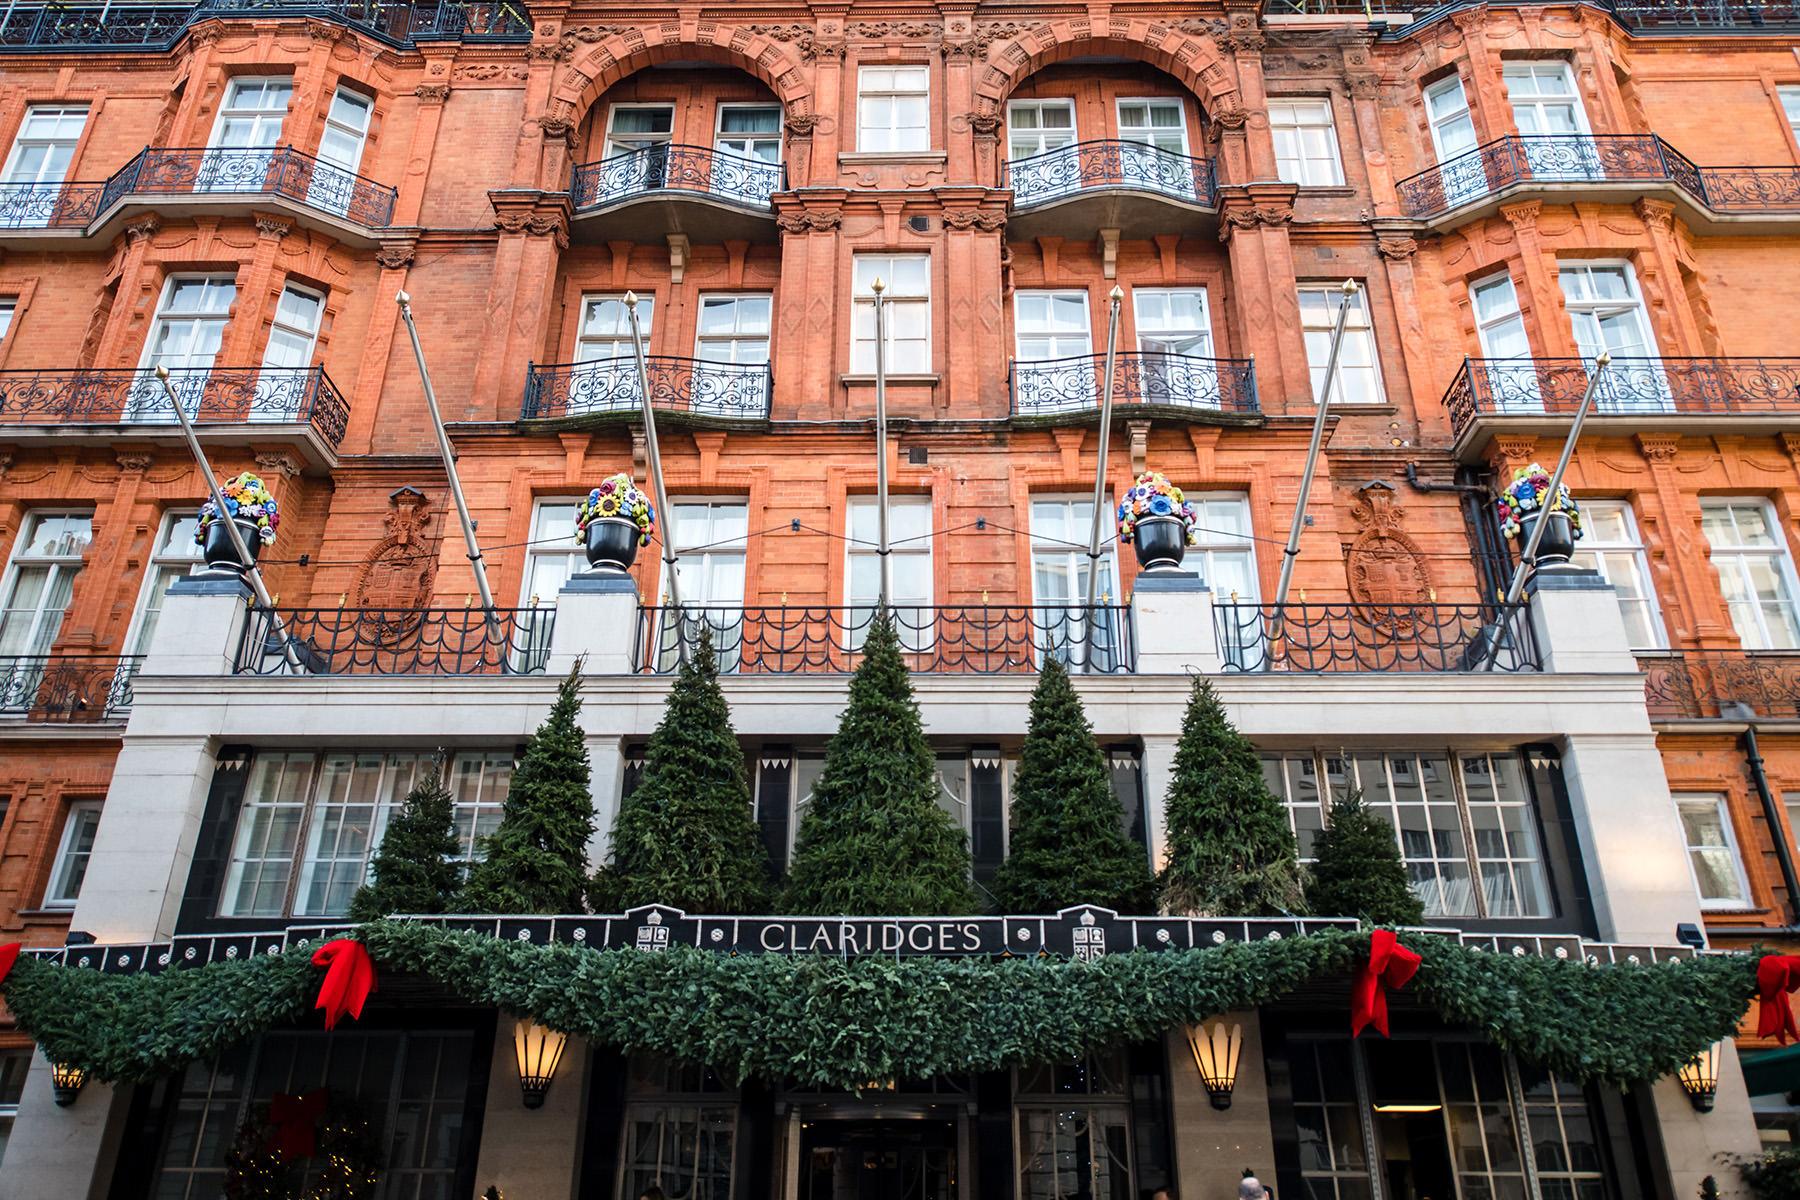 Exterior of Claridges Hotel London